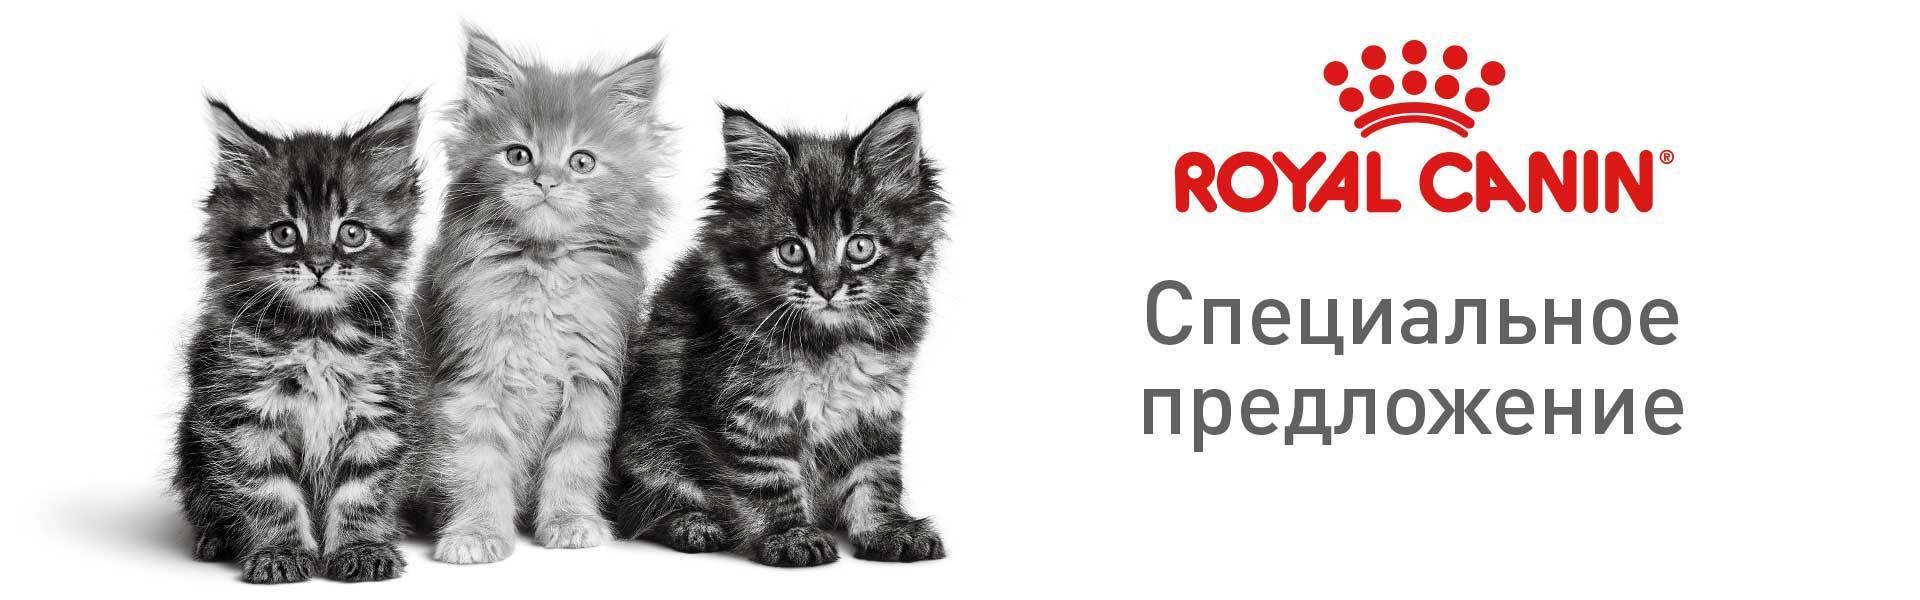 Royal Canin - здоровое питание для собак и кошек!